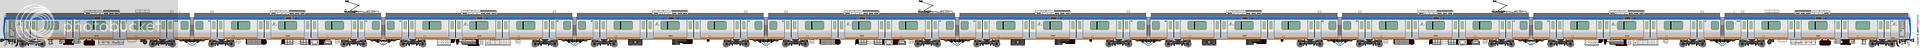 鐵路列車 1993